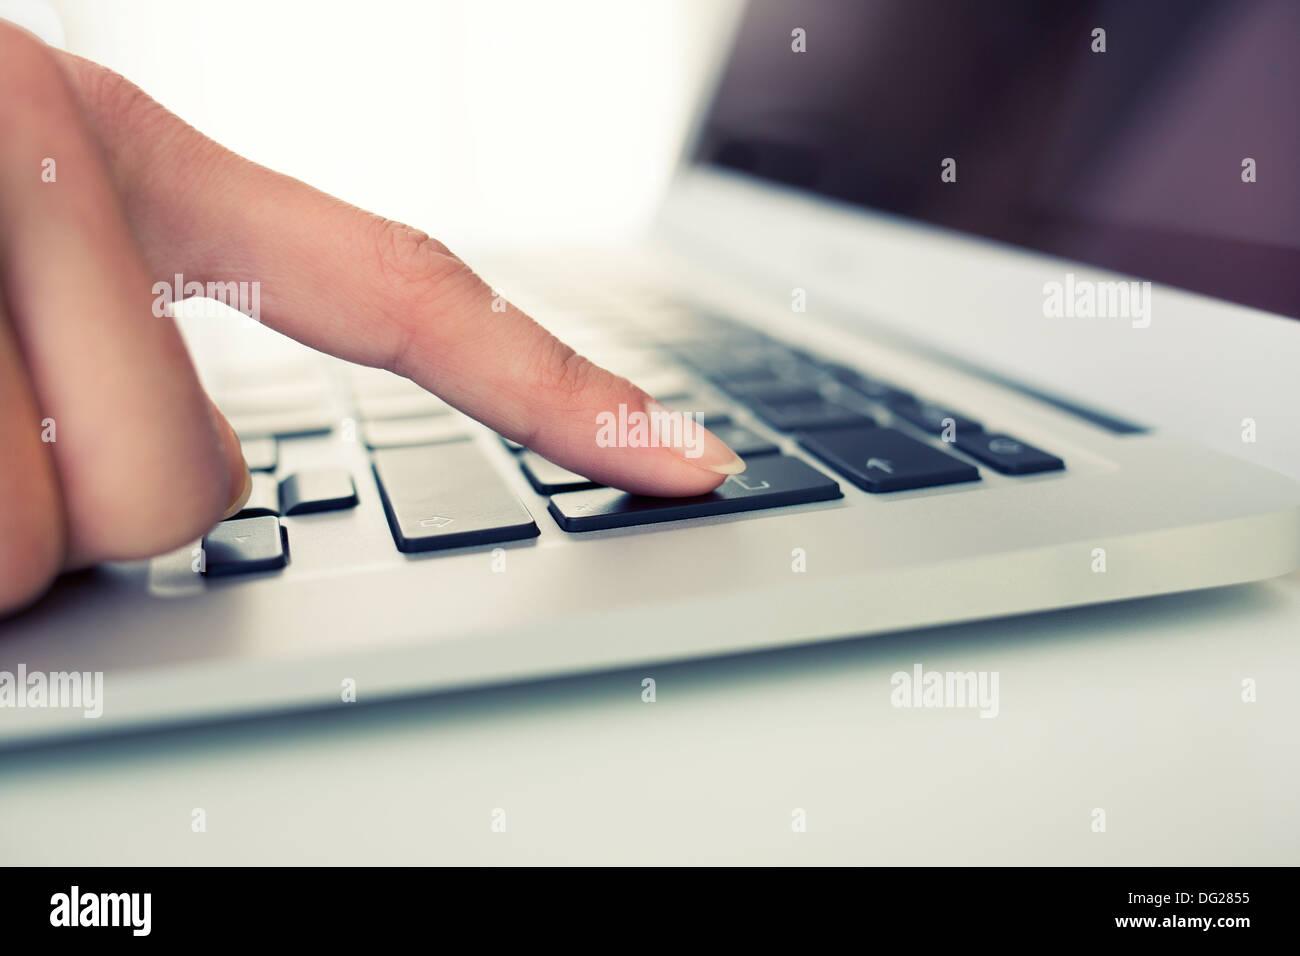 woman laptop finger indoor desk - Stock Image